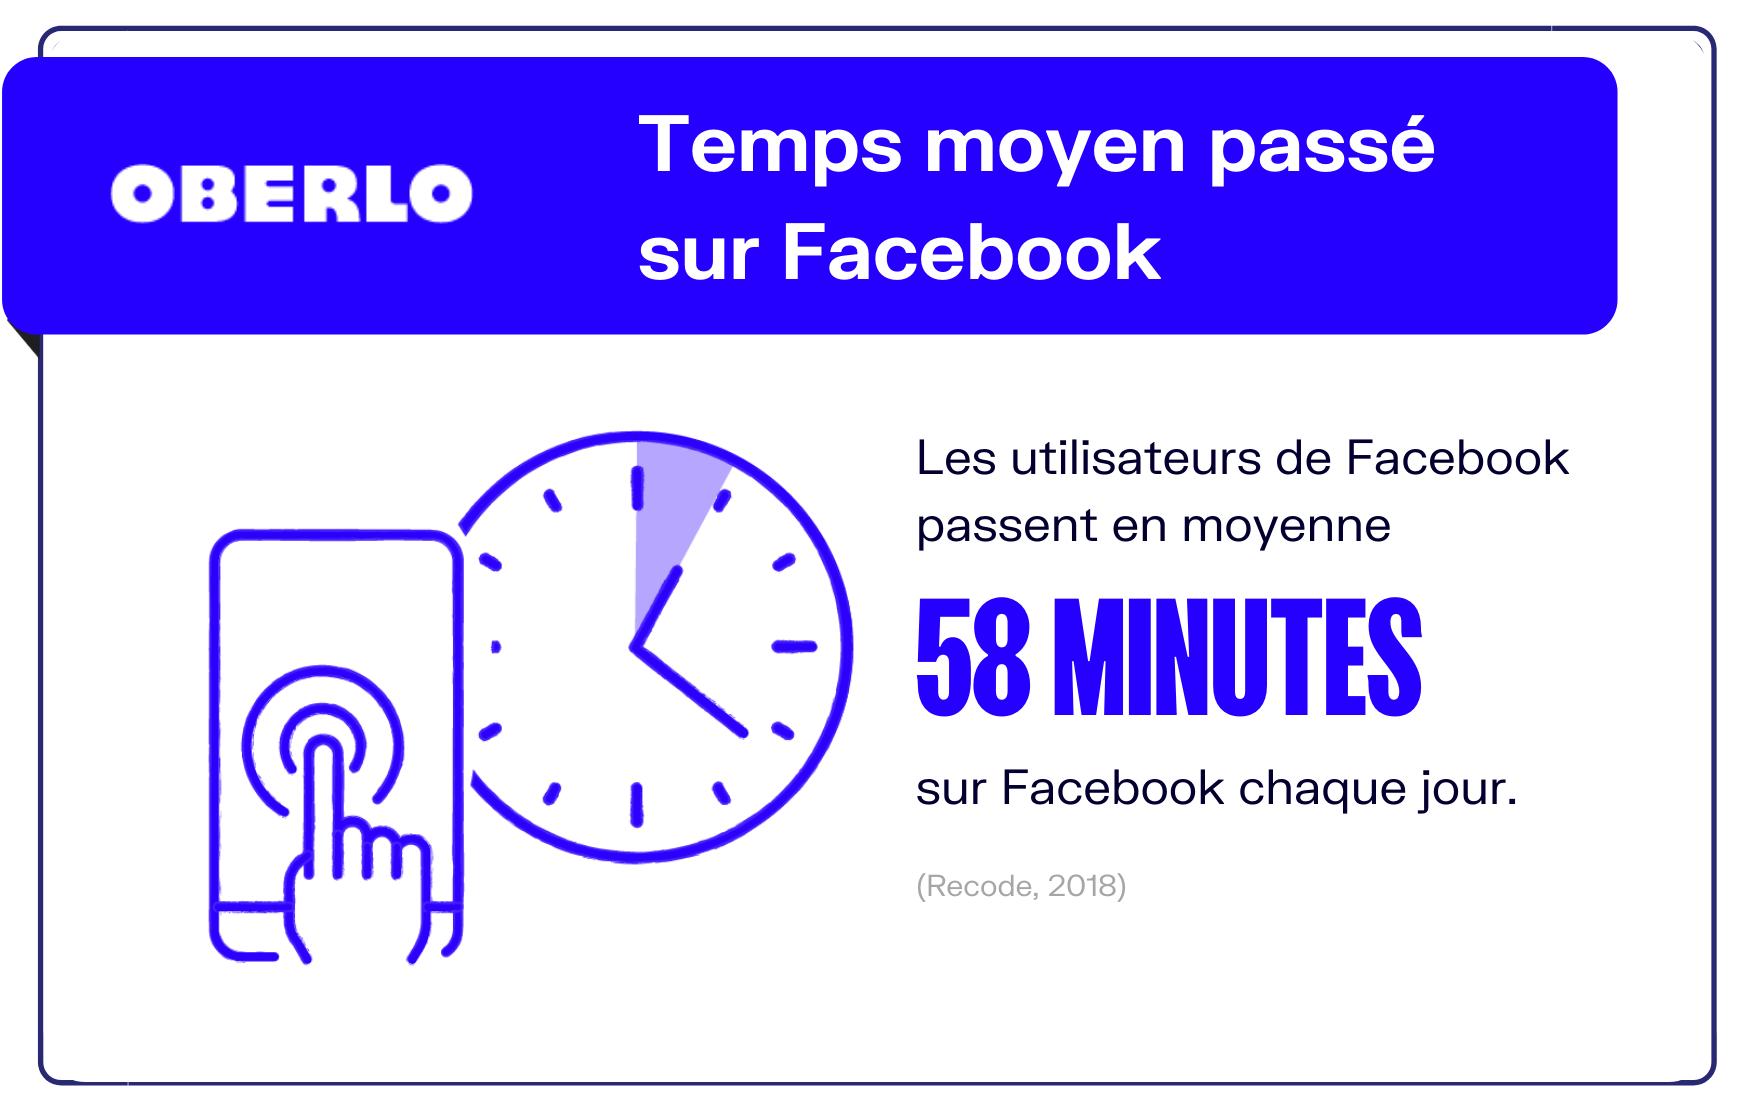 temps moyen passé facebook